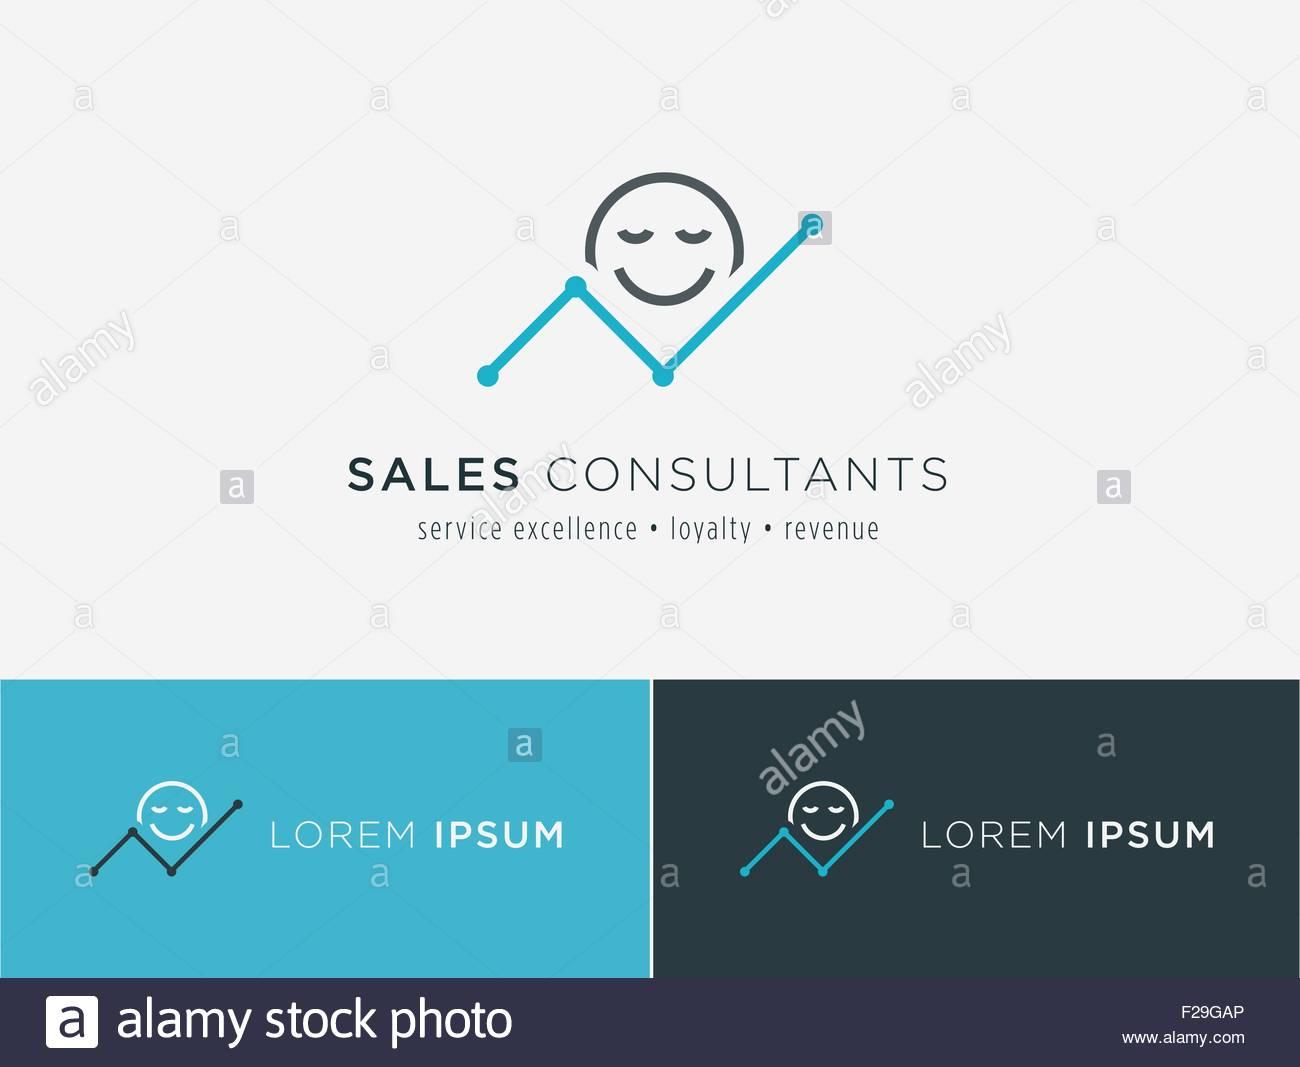 Sales consultant, formateur en vente ou le logo de l'entreprise client mystère. La satisfaction du client Photo Stock